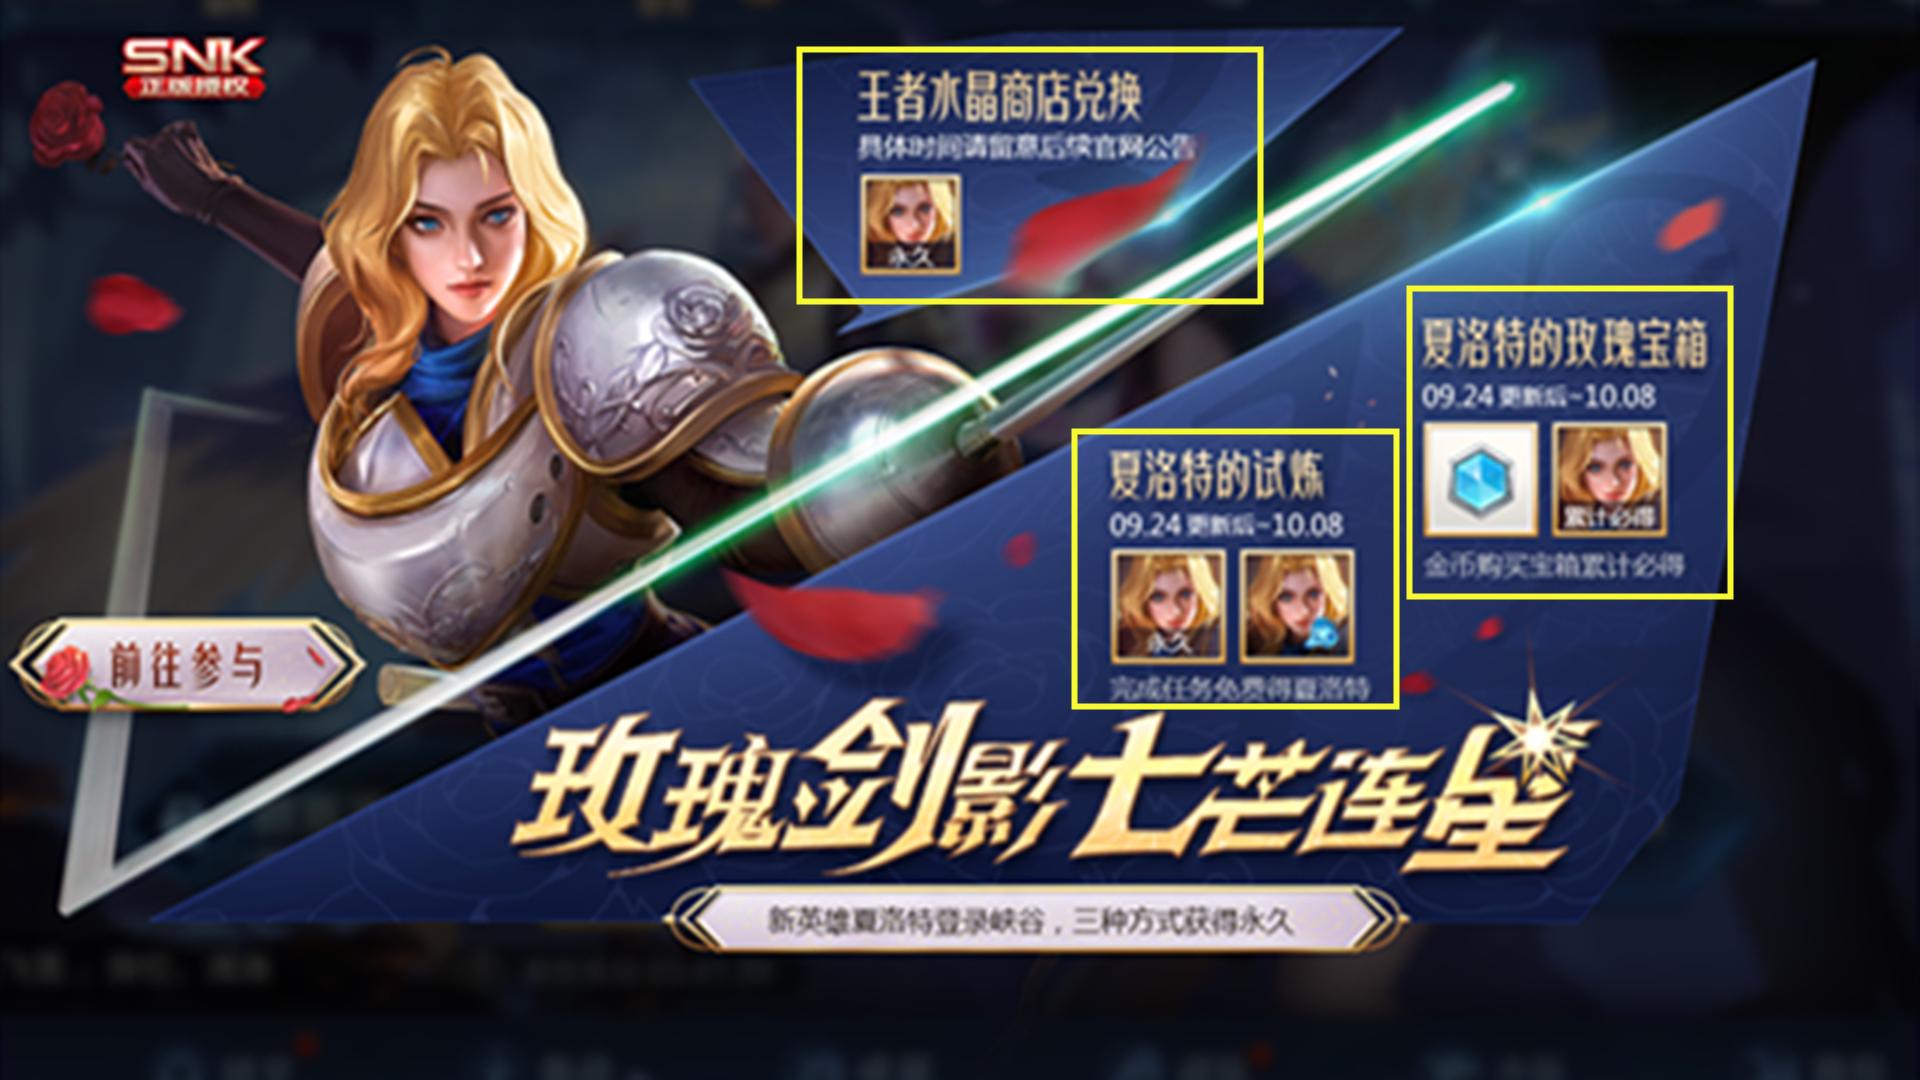 王者荣耀:新赛季明日开启,夏洛特上线无伴生,碎片商店迎来更新